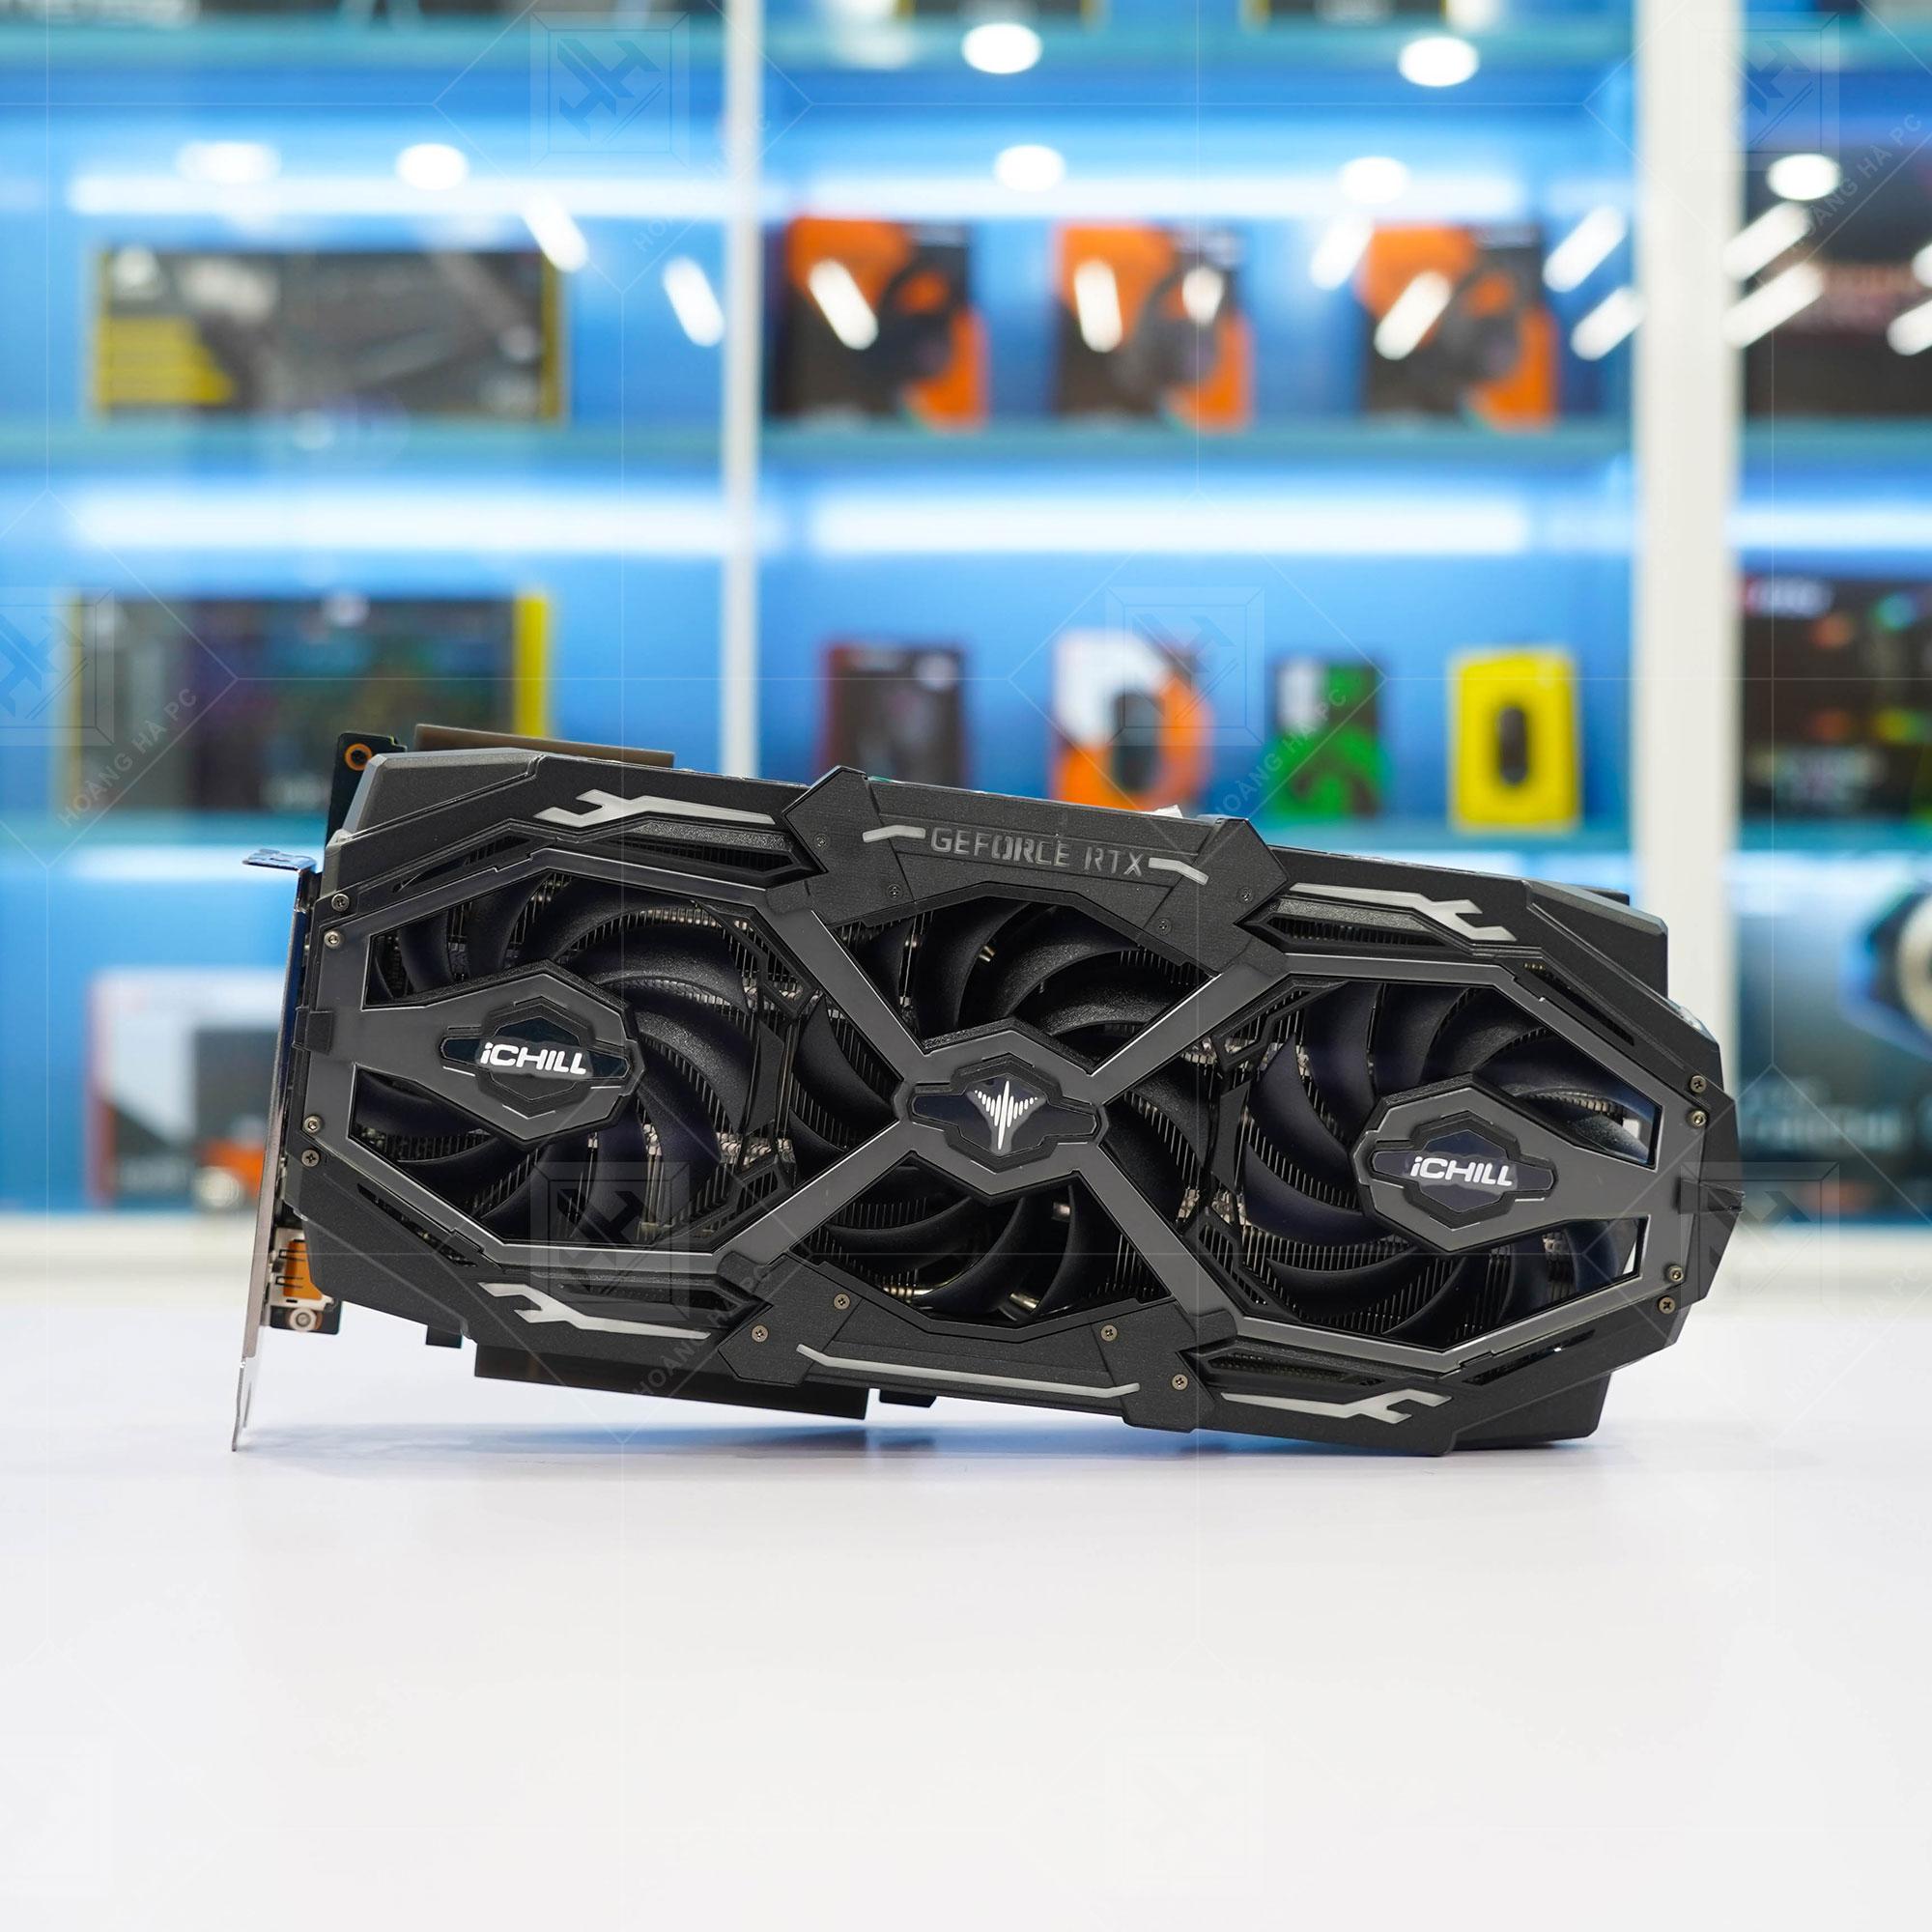 VGA INNO3D Geforce RTX 2070 Super ICHILL X3 Ultra